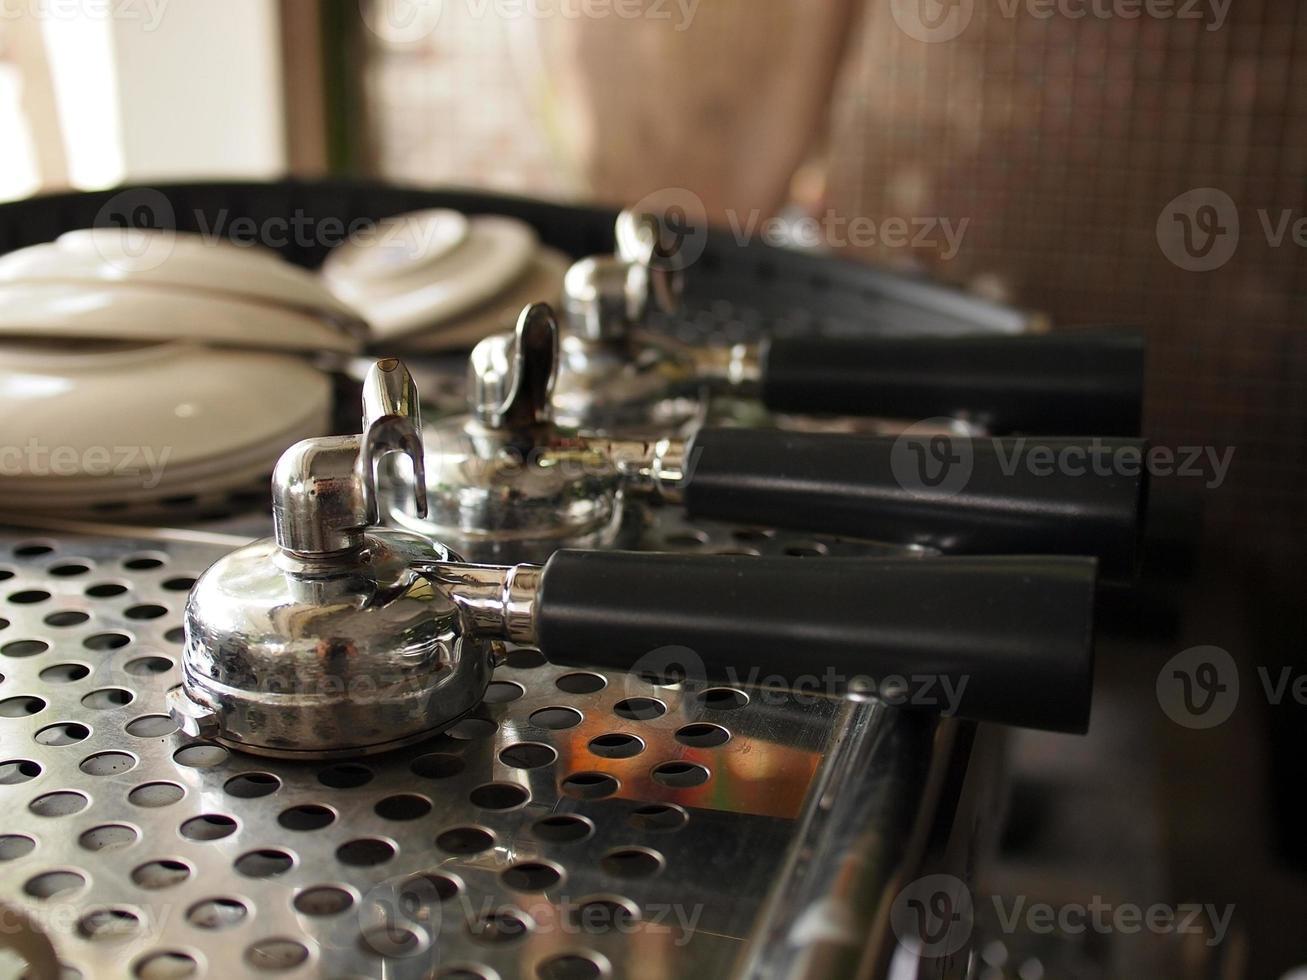 drei Siebträger auf Espressomaschine foto